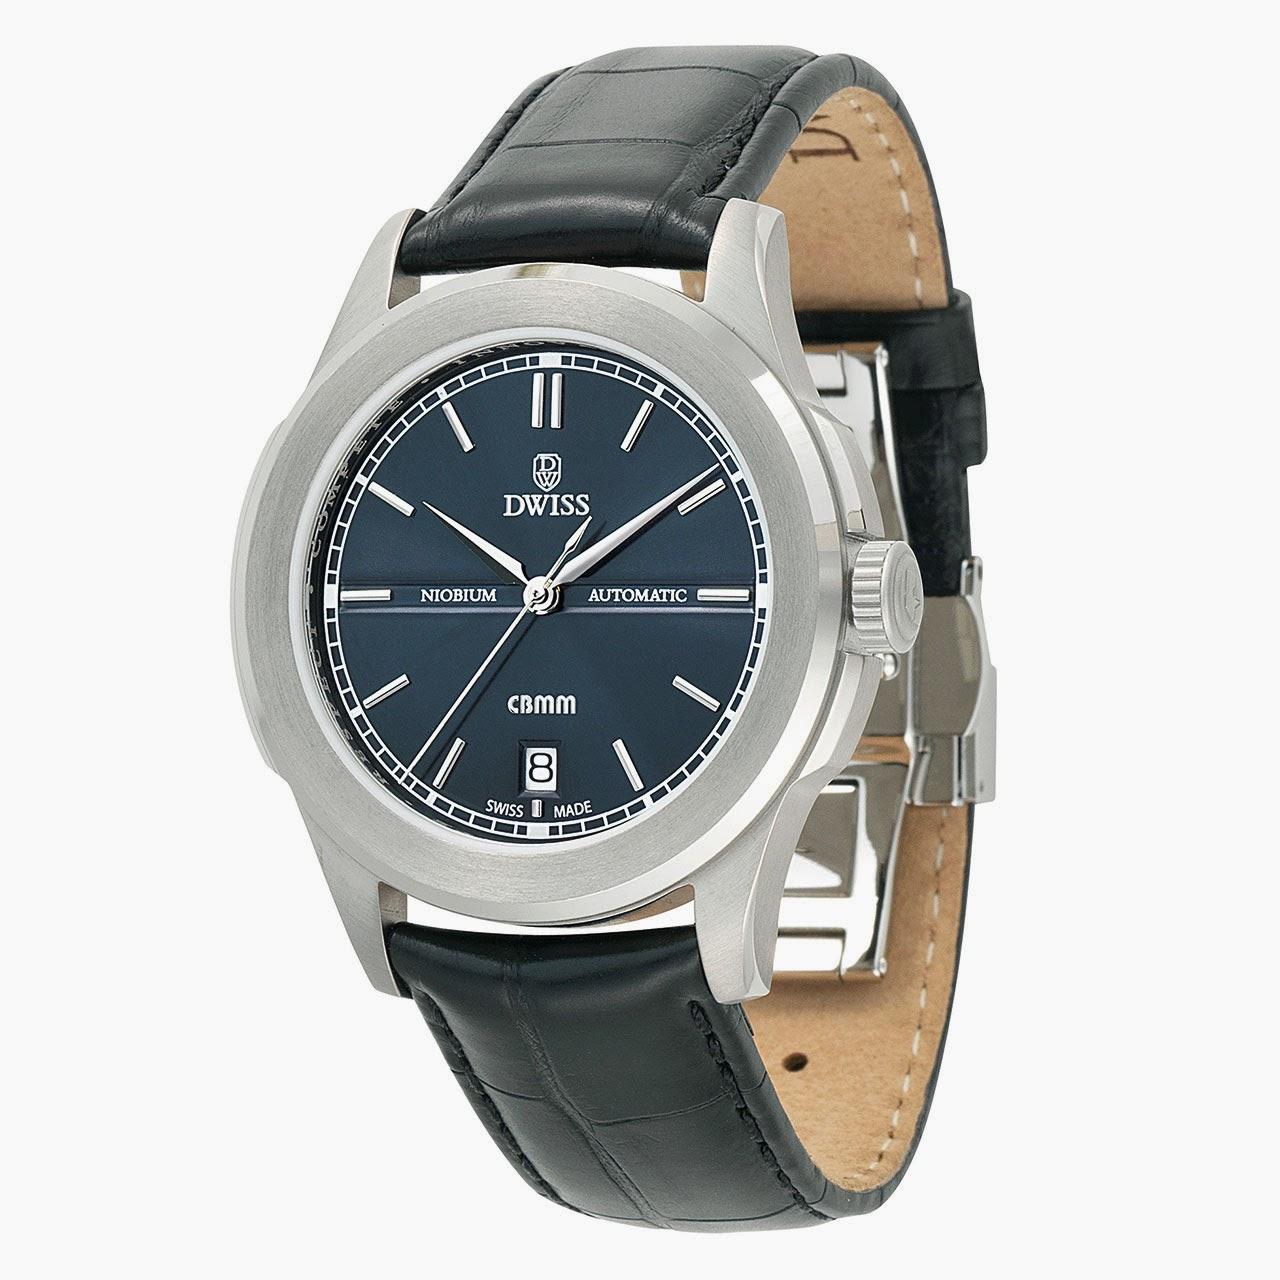 DWISS Classique CBMM Watch